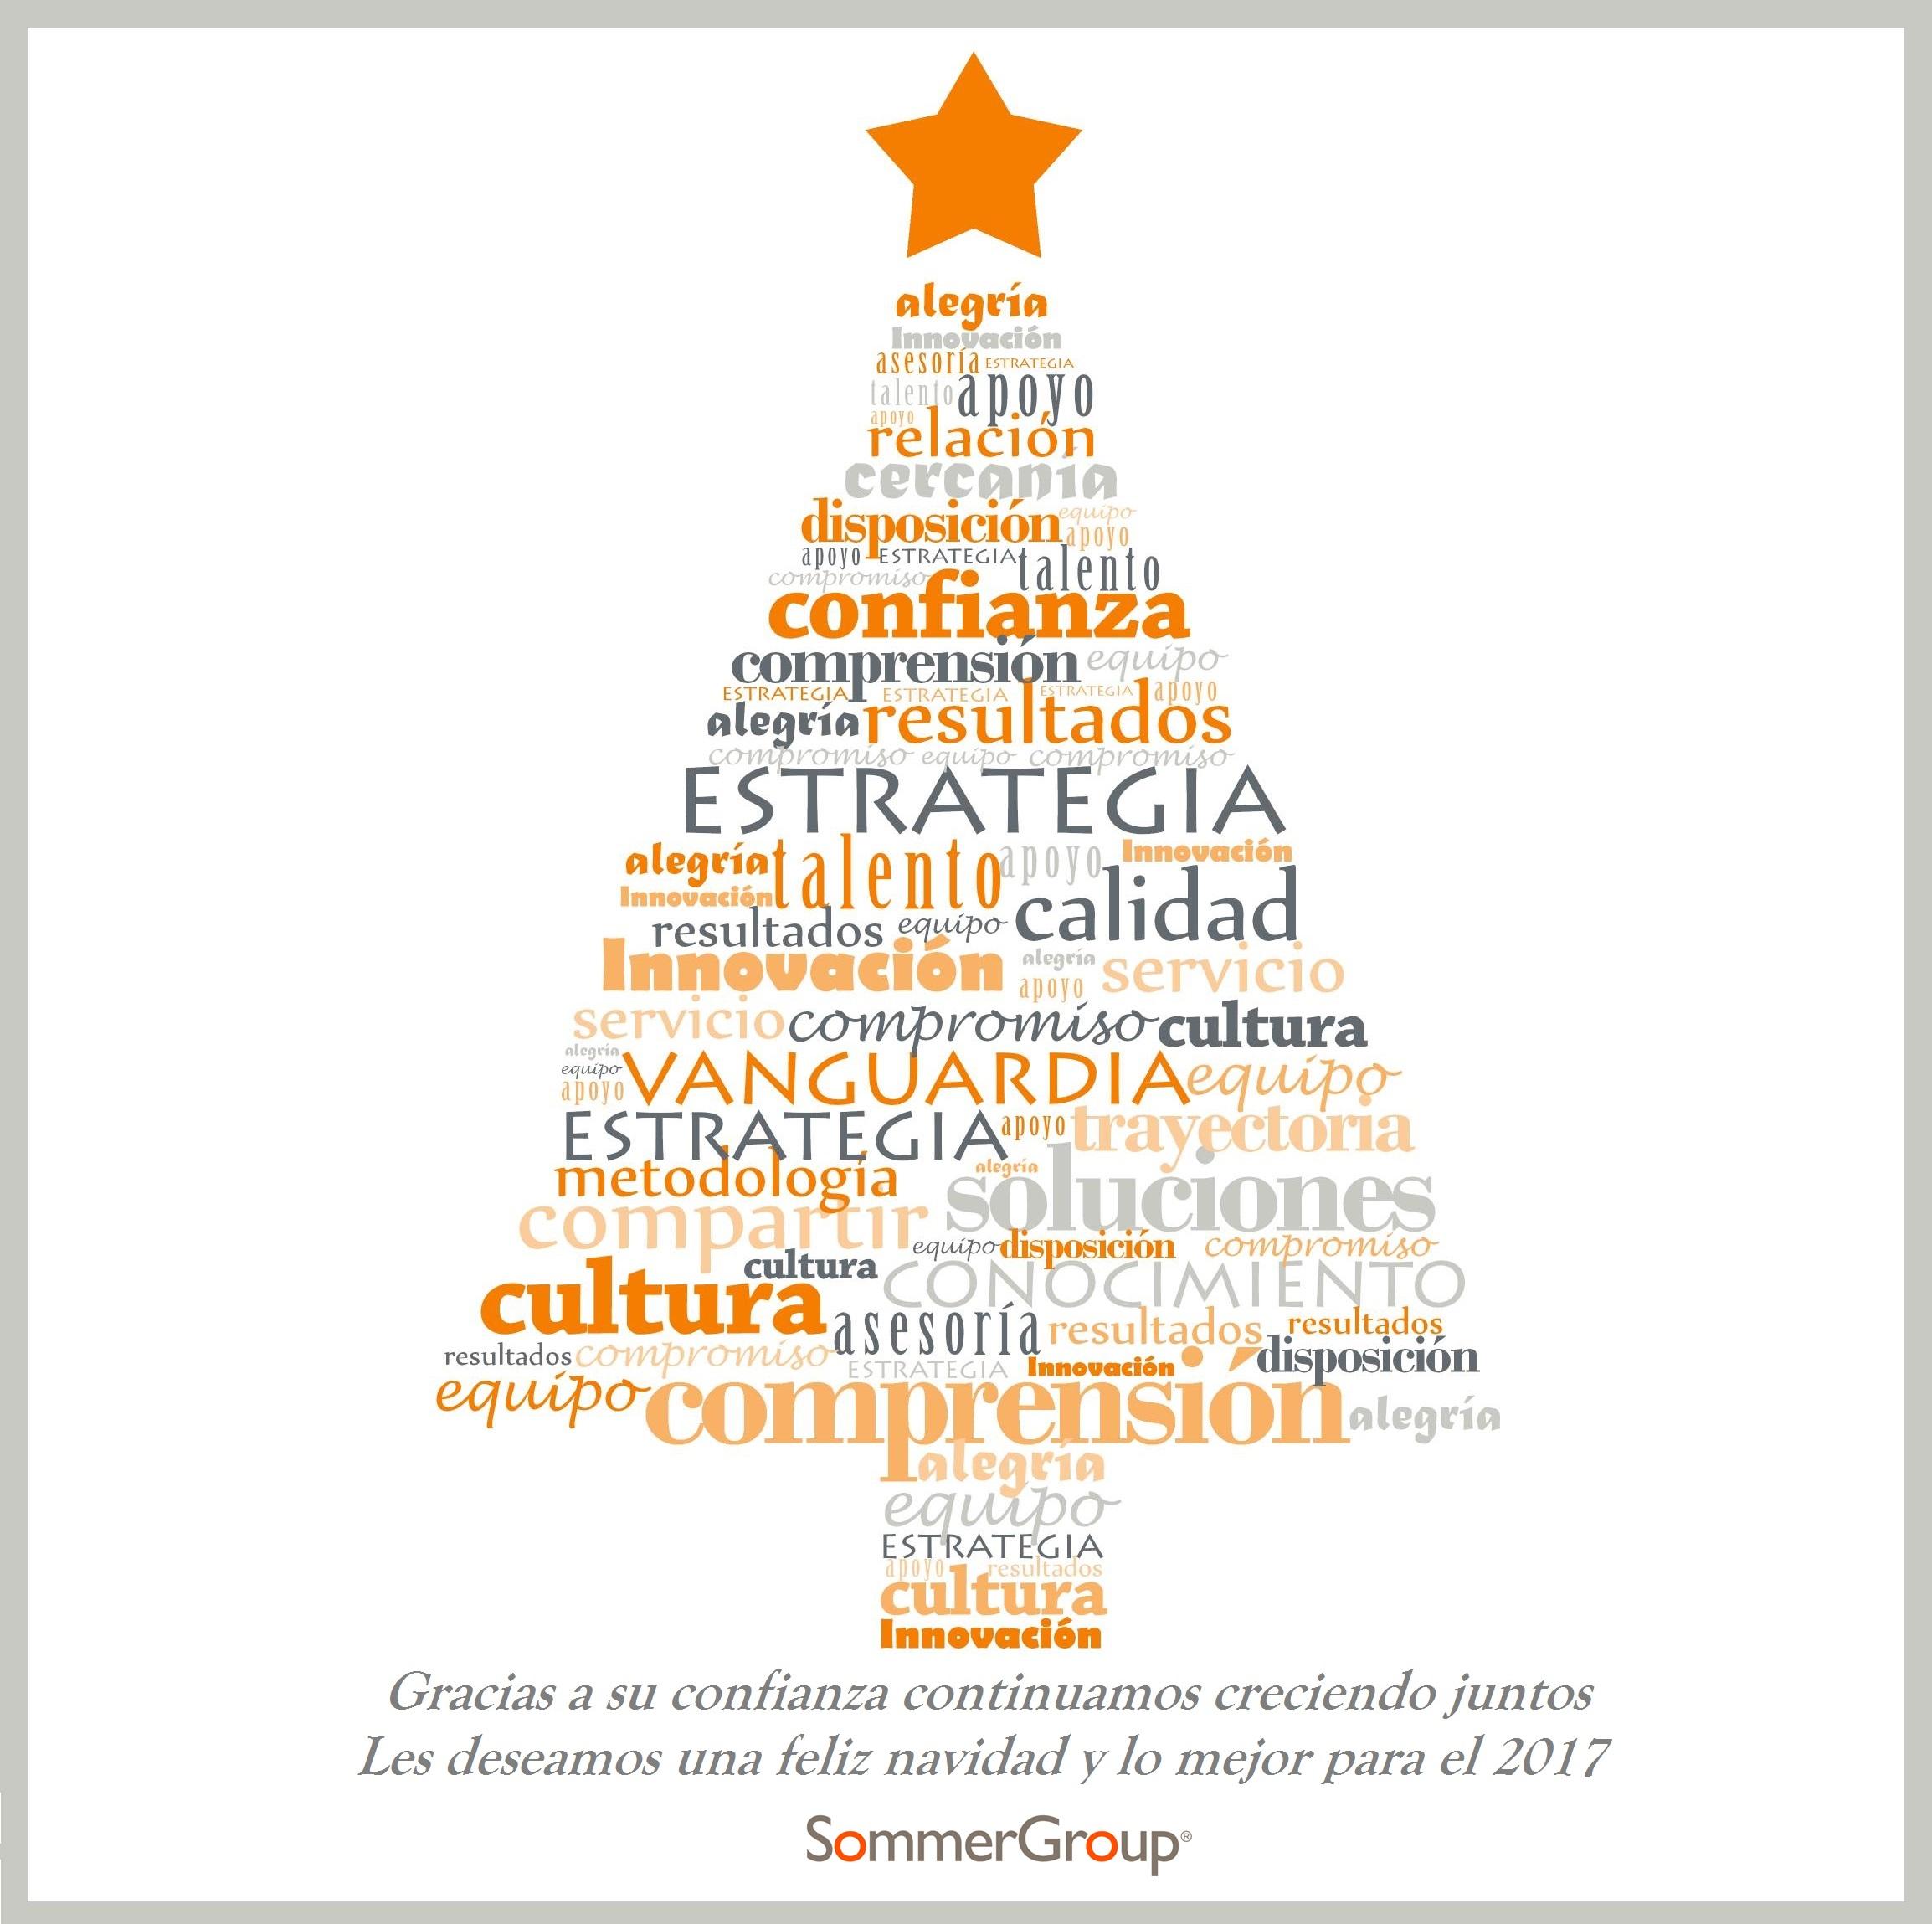 imagen-pino-navidad-sg